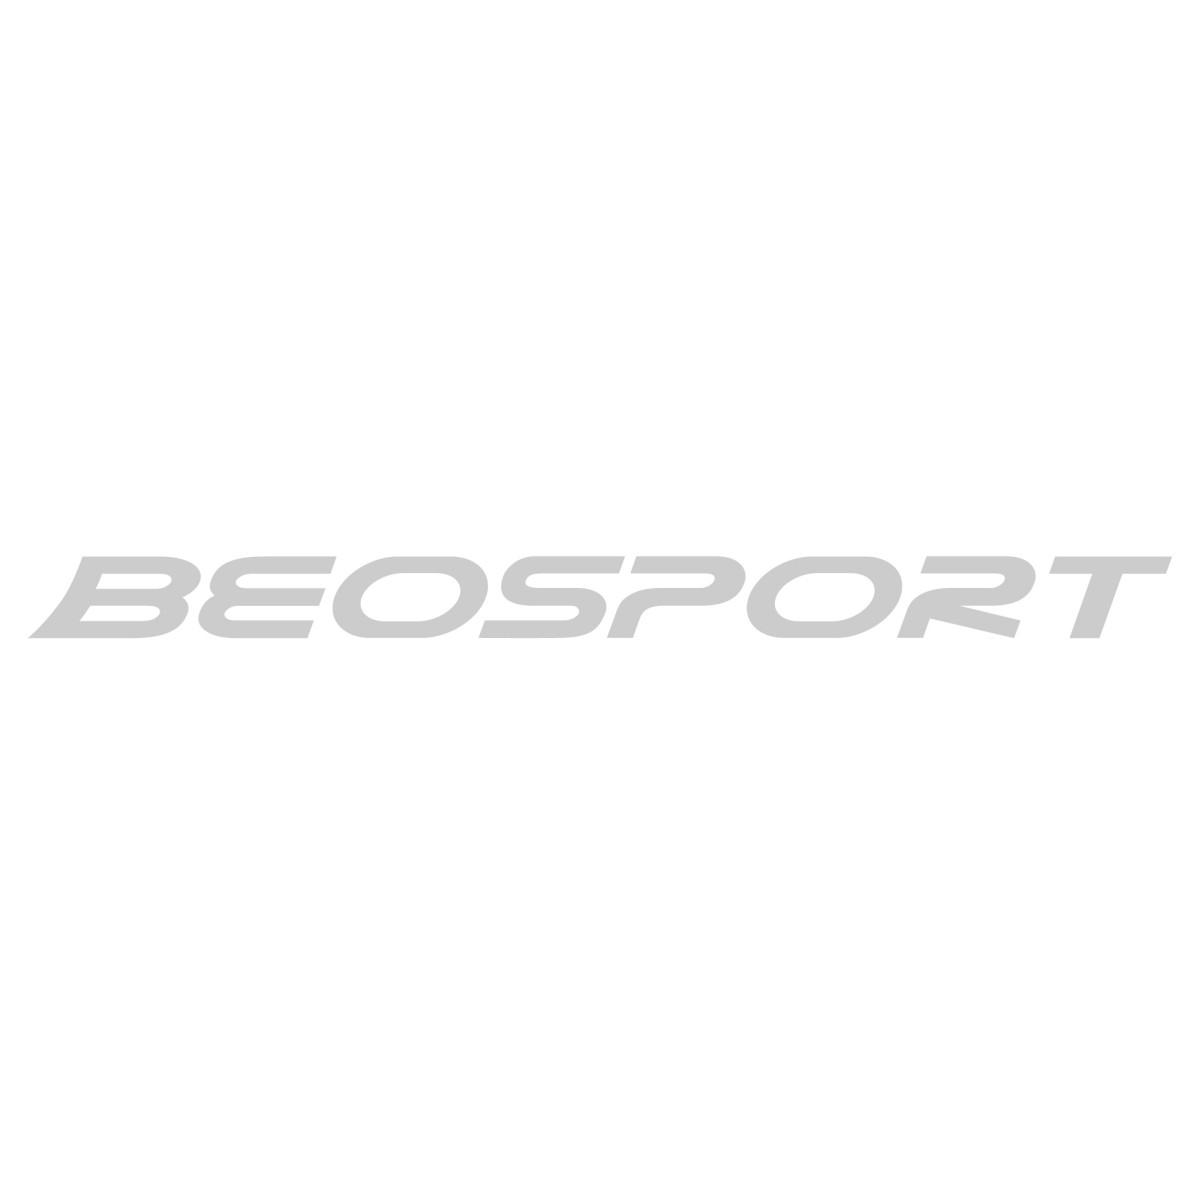 Wilson Ncaa Highlight lopta